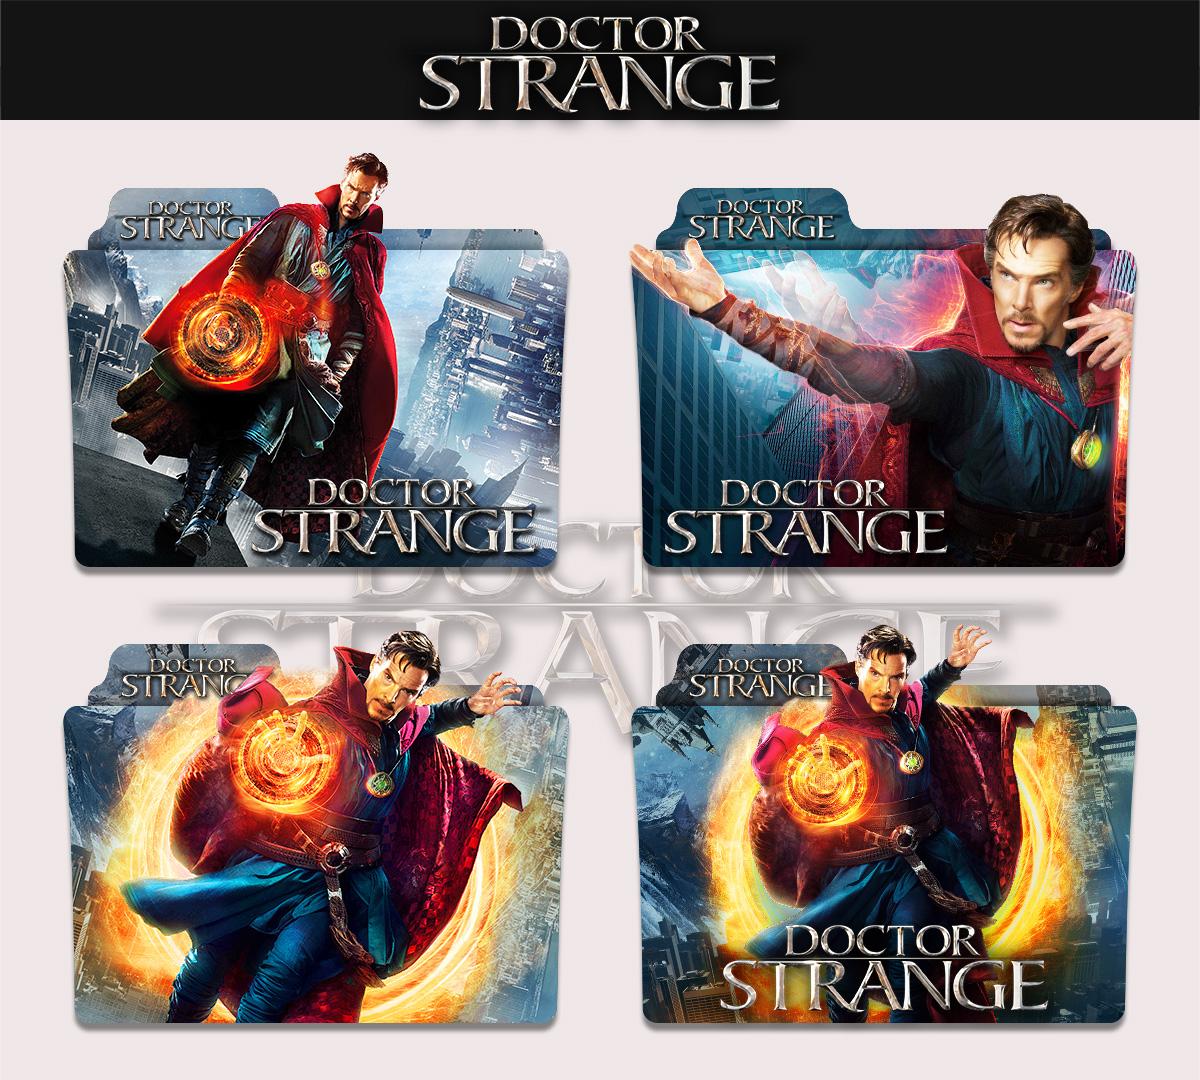 Doctor Strange 2016 Folder Icon By Sonerbyzt On Deviantart